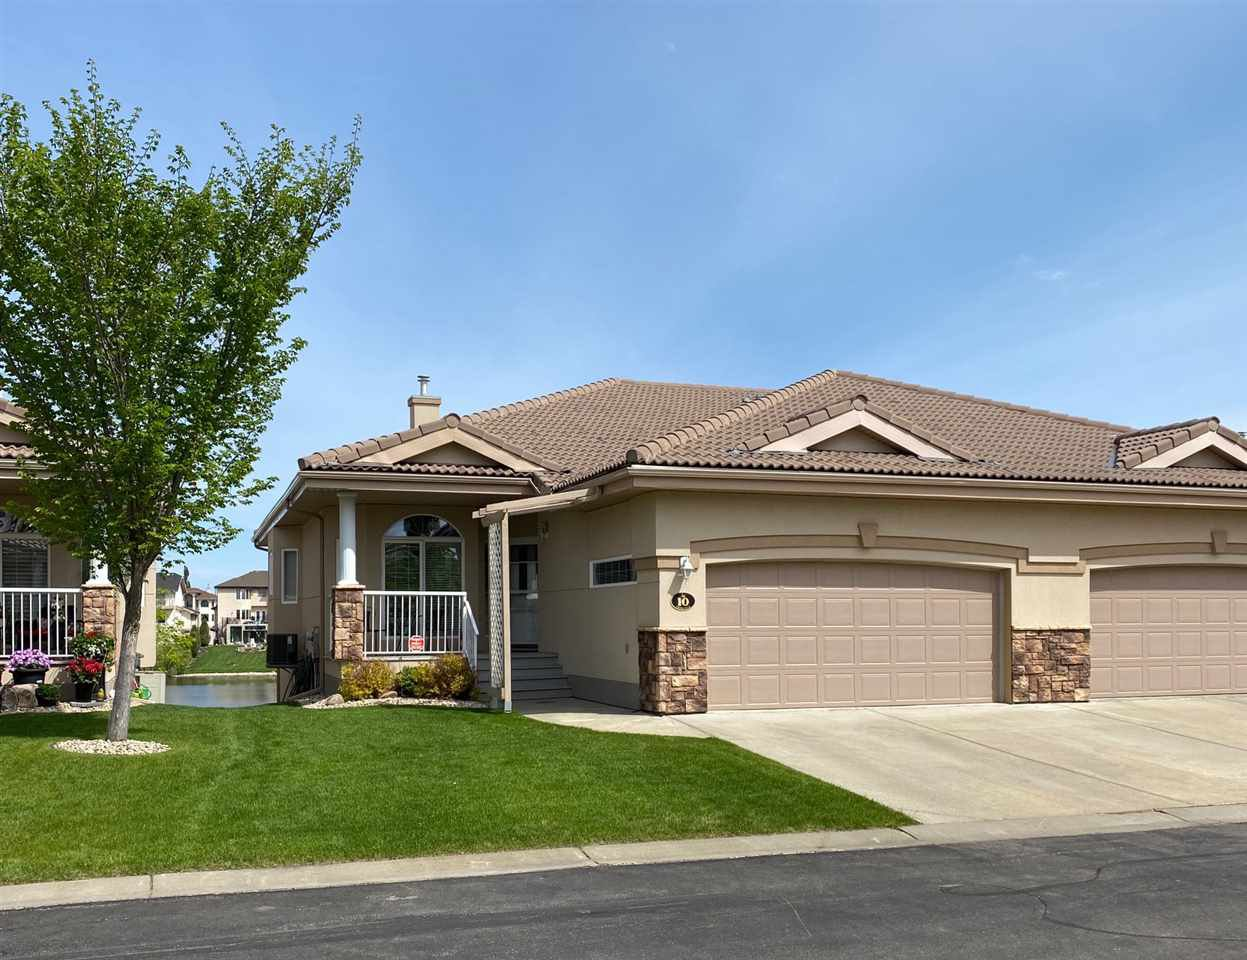 Main Photo: 10 13808 155 Avenue in Edmonton: Zone 27 House Half Duplex for sale : MLS®# E4193641